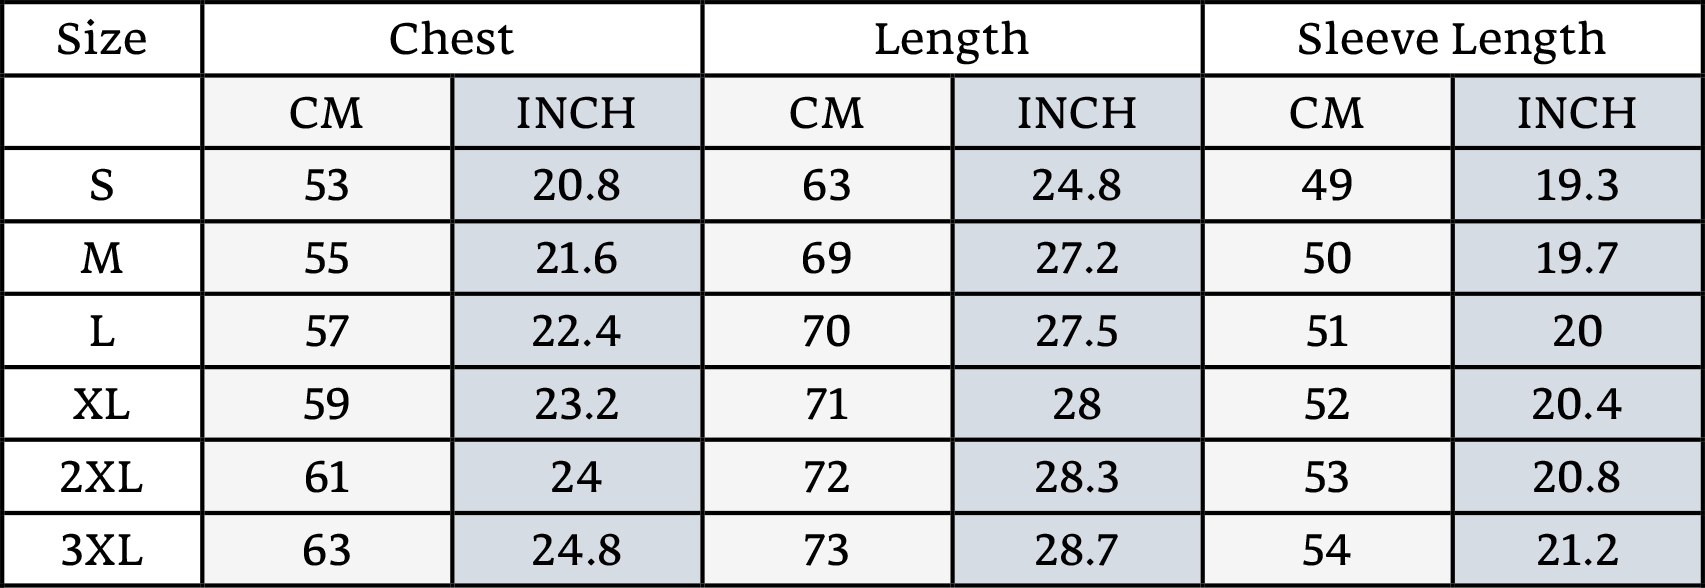 romney-palliser-size-guide.jpg